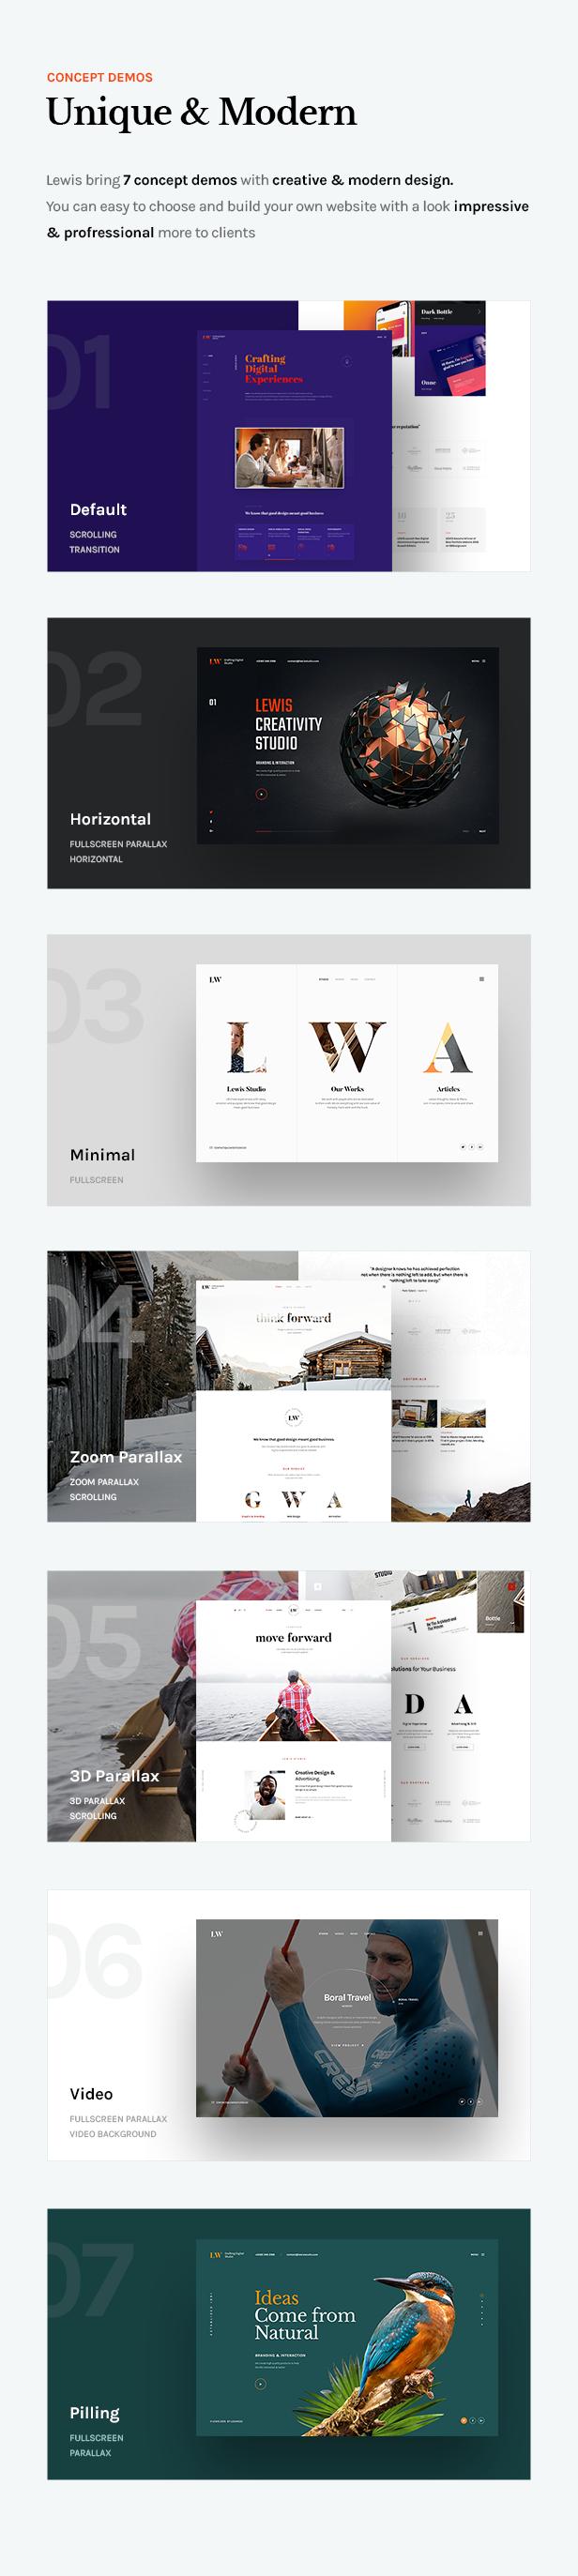 Lewis - Creative Portfolio WordPress Theme - 4